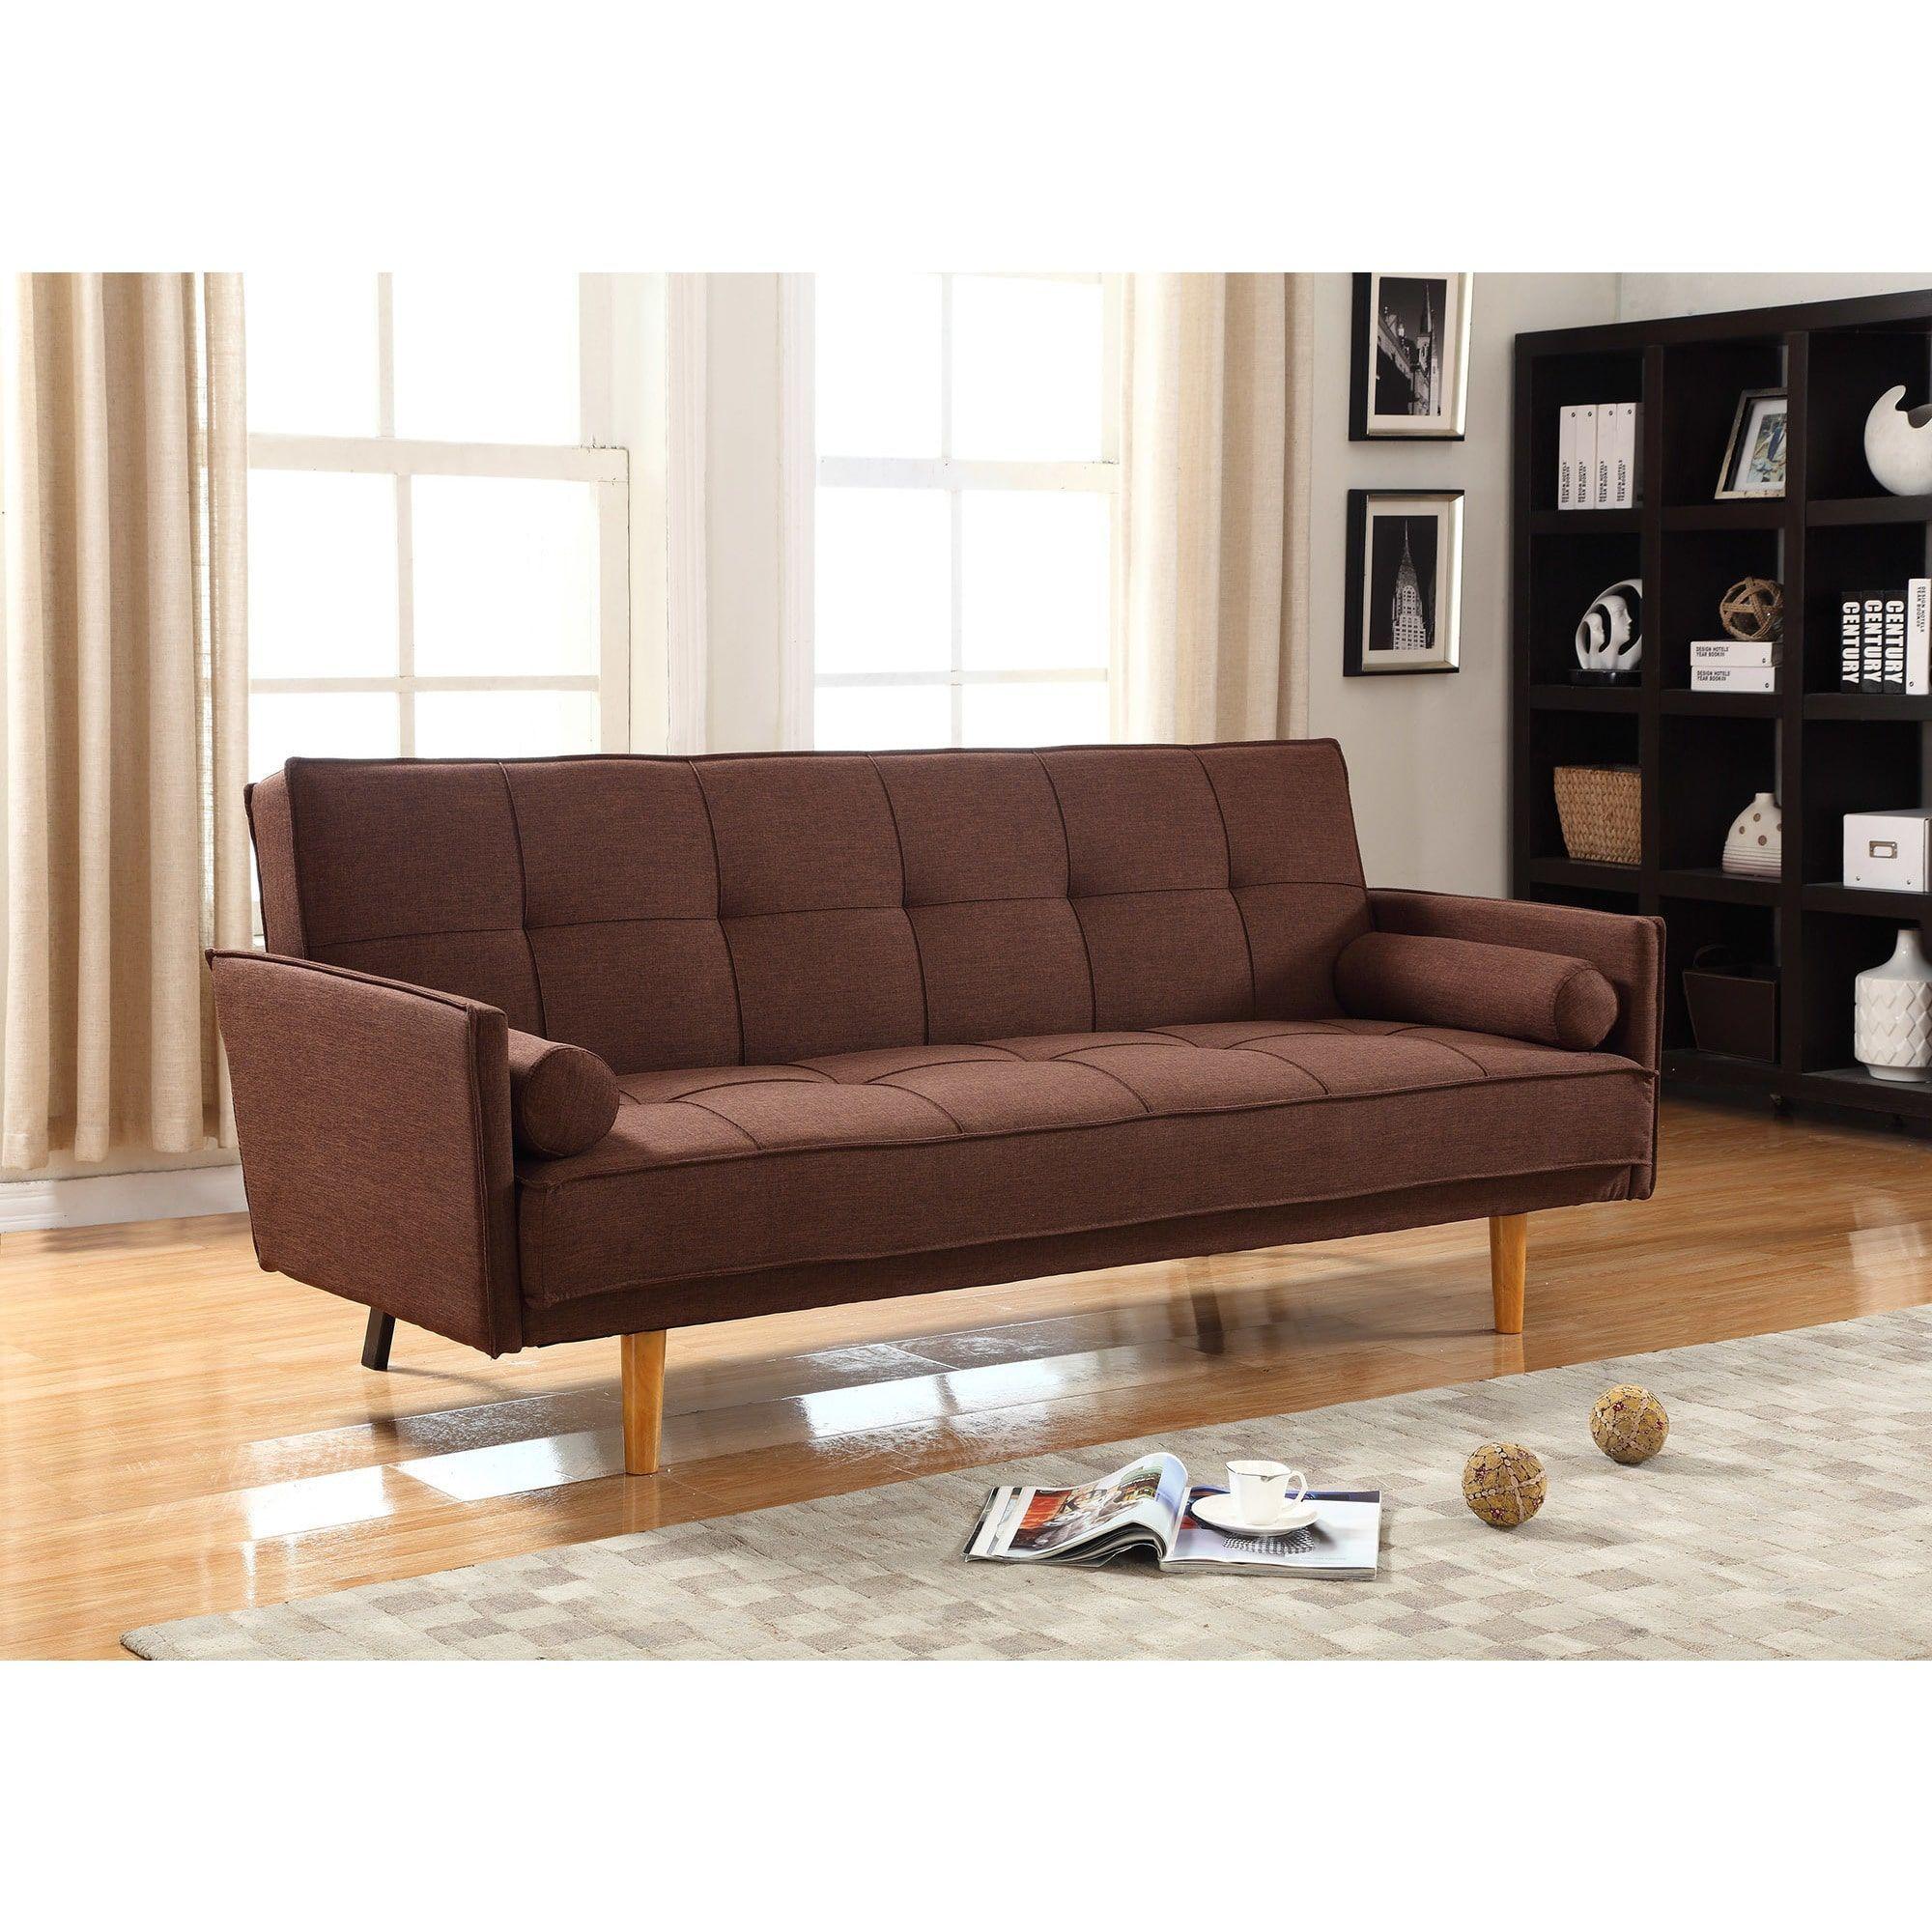 Best Master Furniture L Linen Adjustable Sofa bed Futon